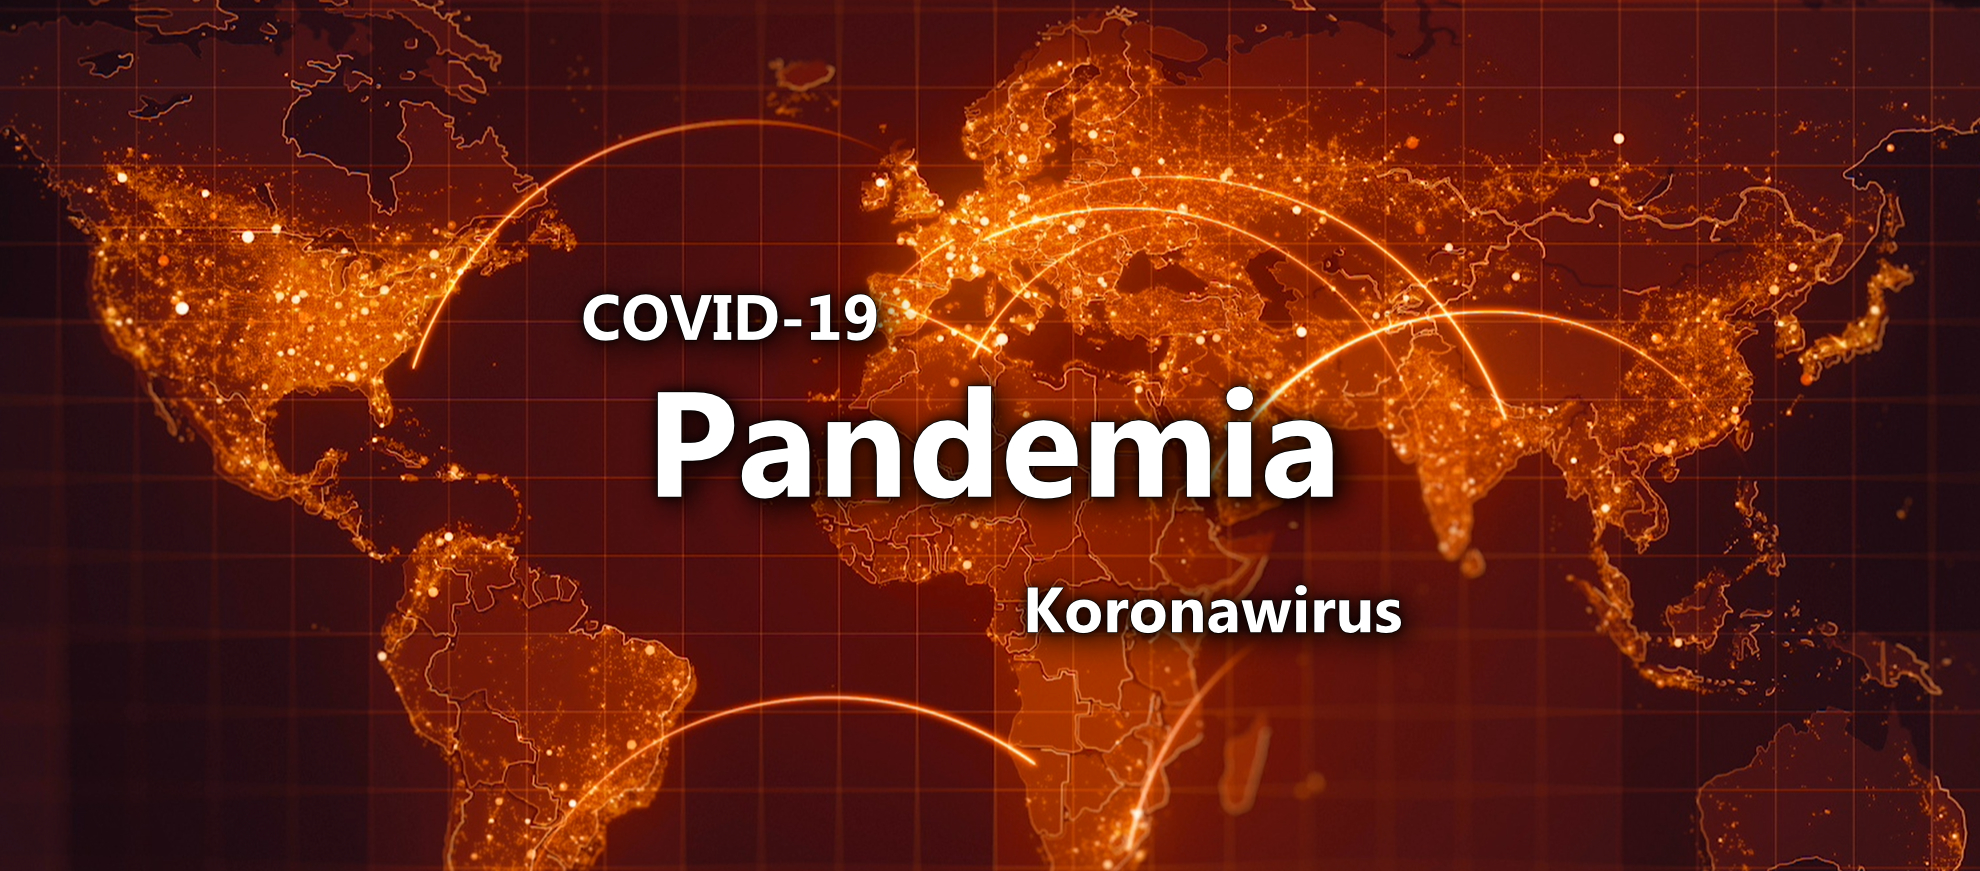 wybuch koronawirusa w europie who oglosilo pandemie czym jest pandemia? COVID-19